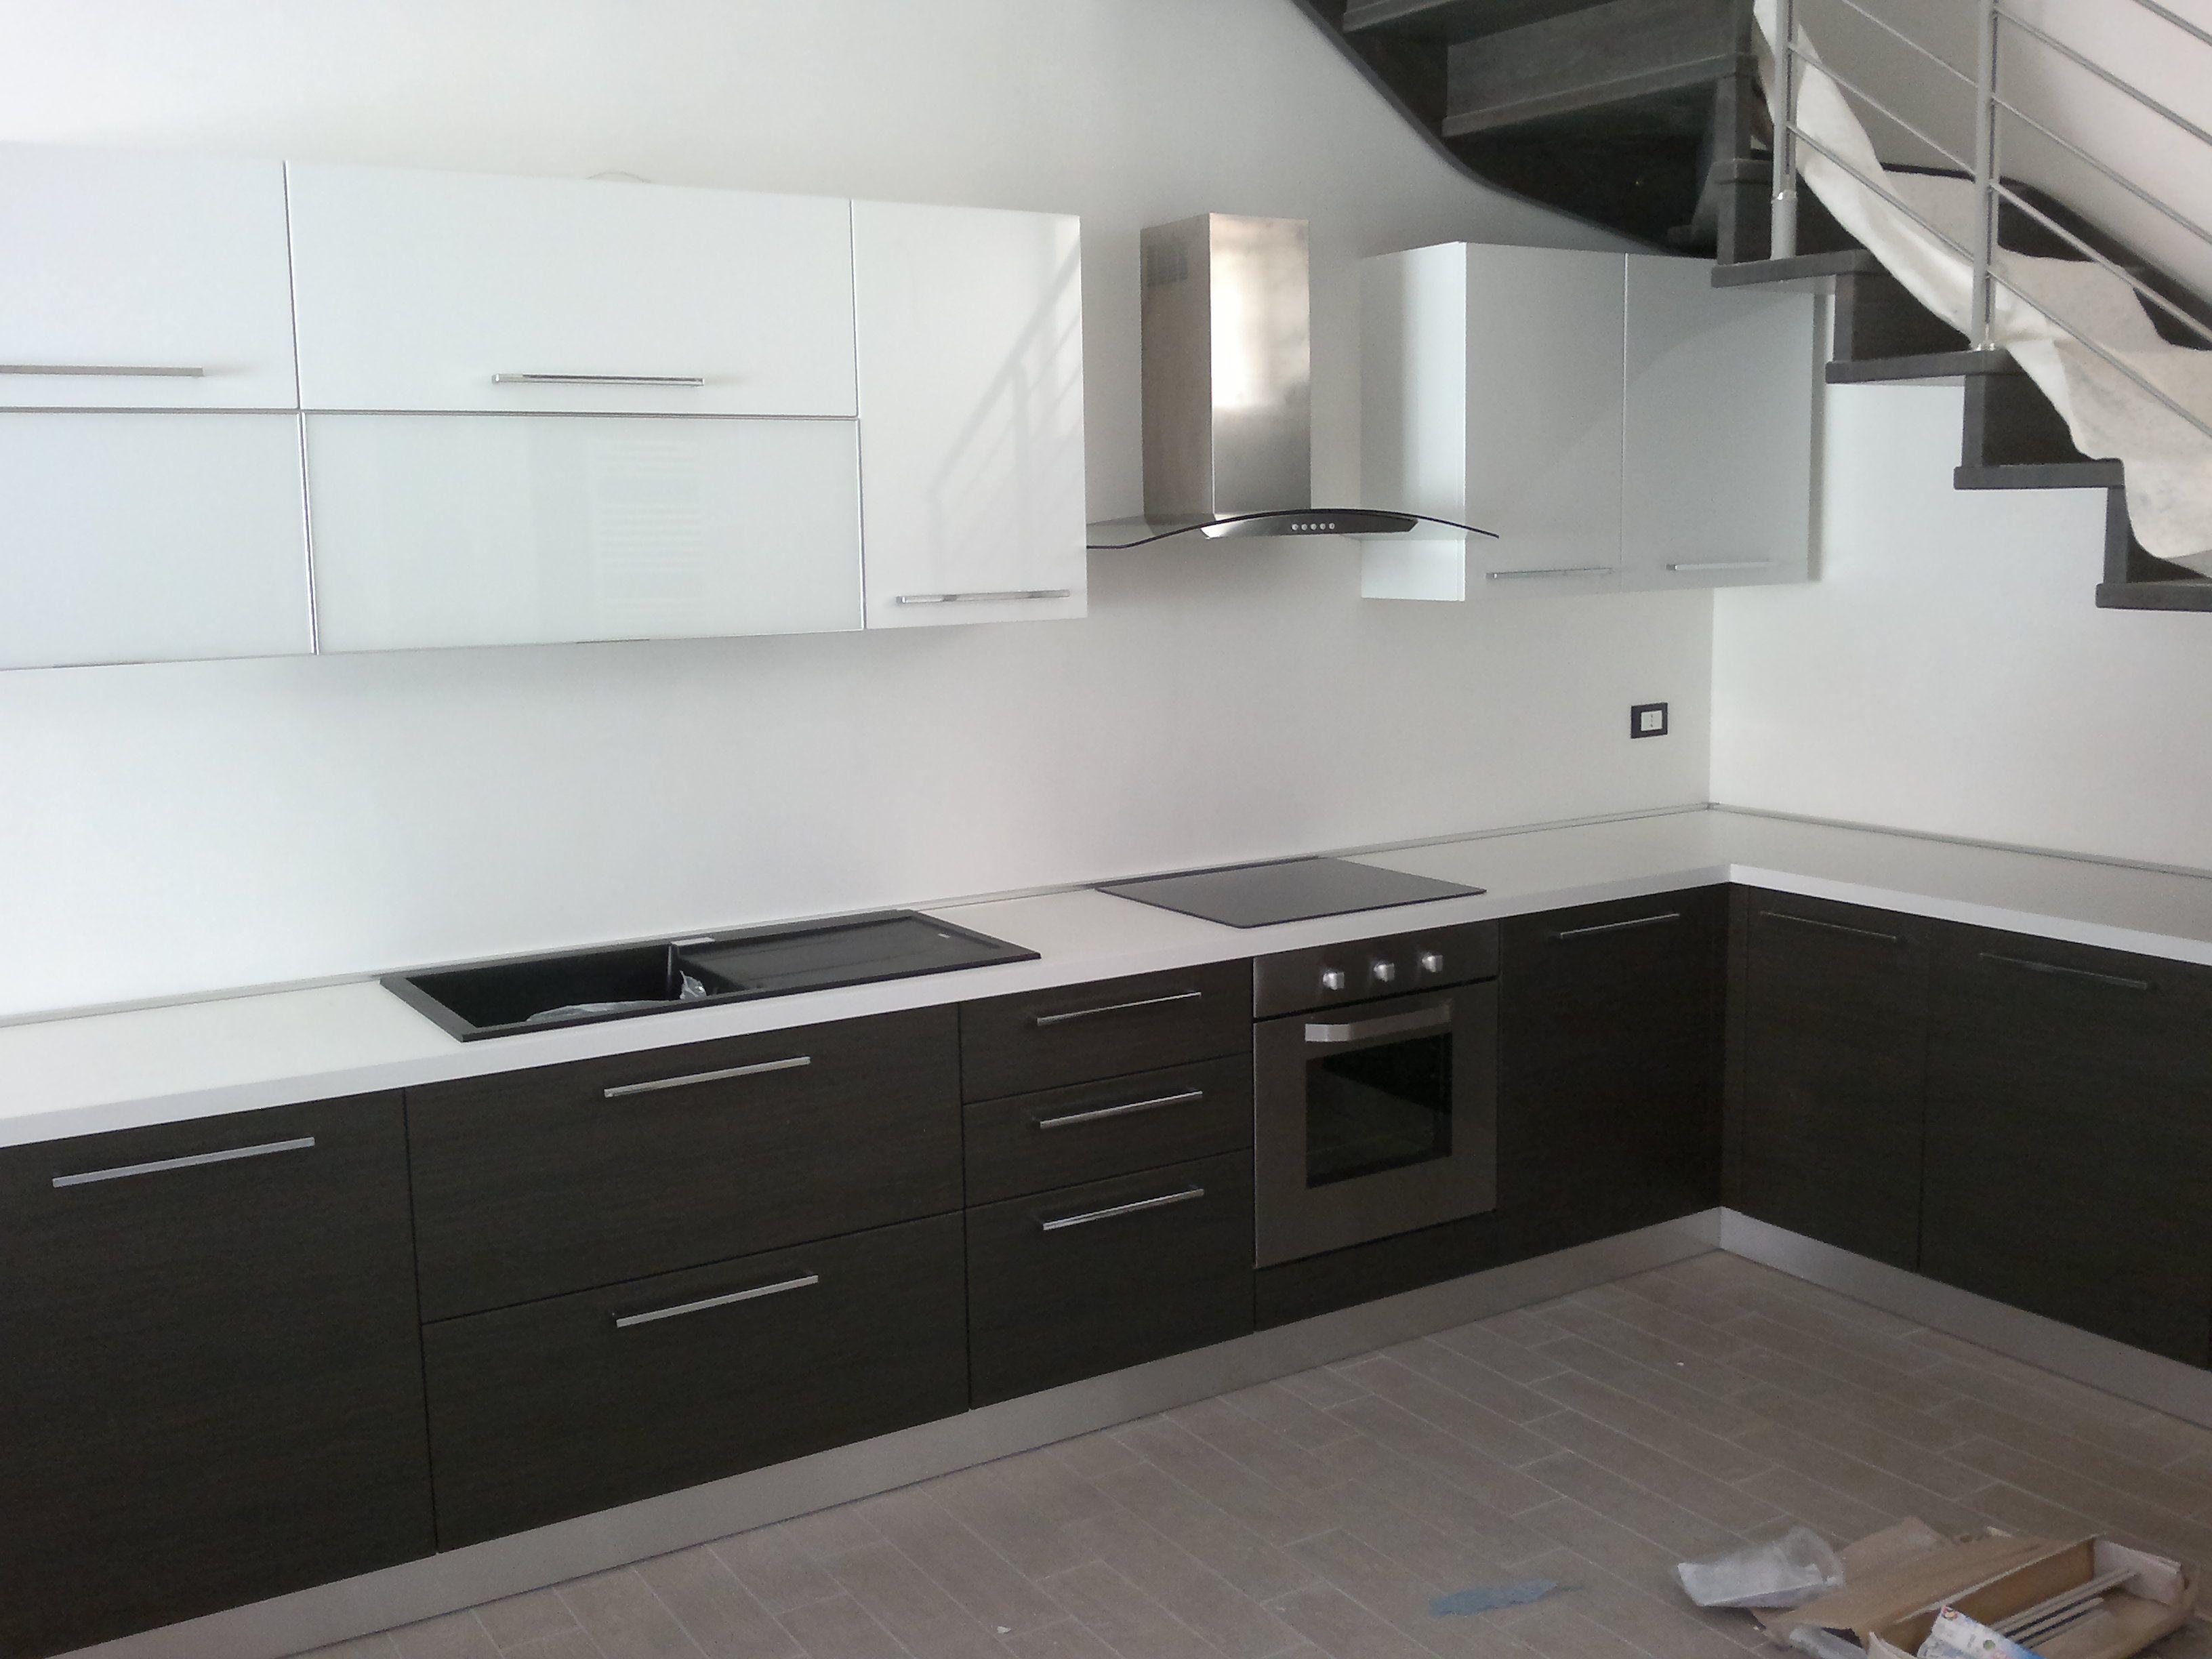 modello Futura - rovere grigio - bianco lucido | cucine realizzate ...